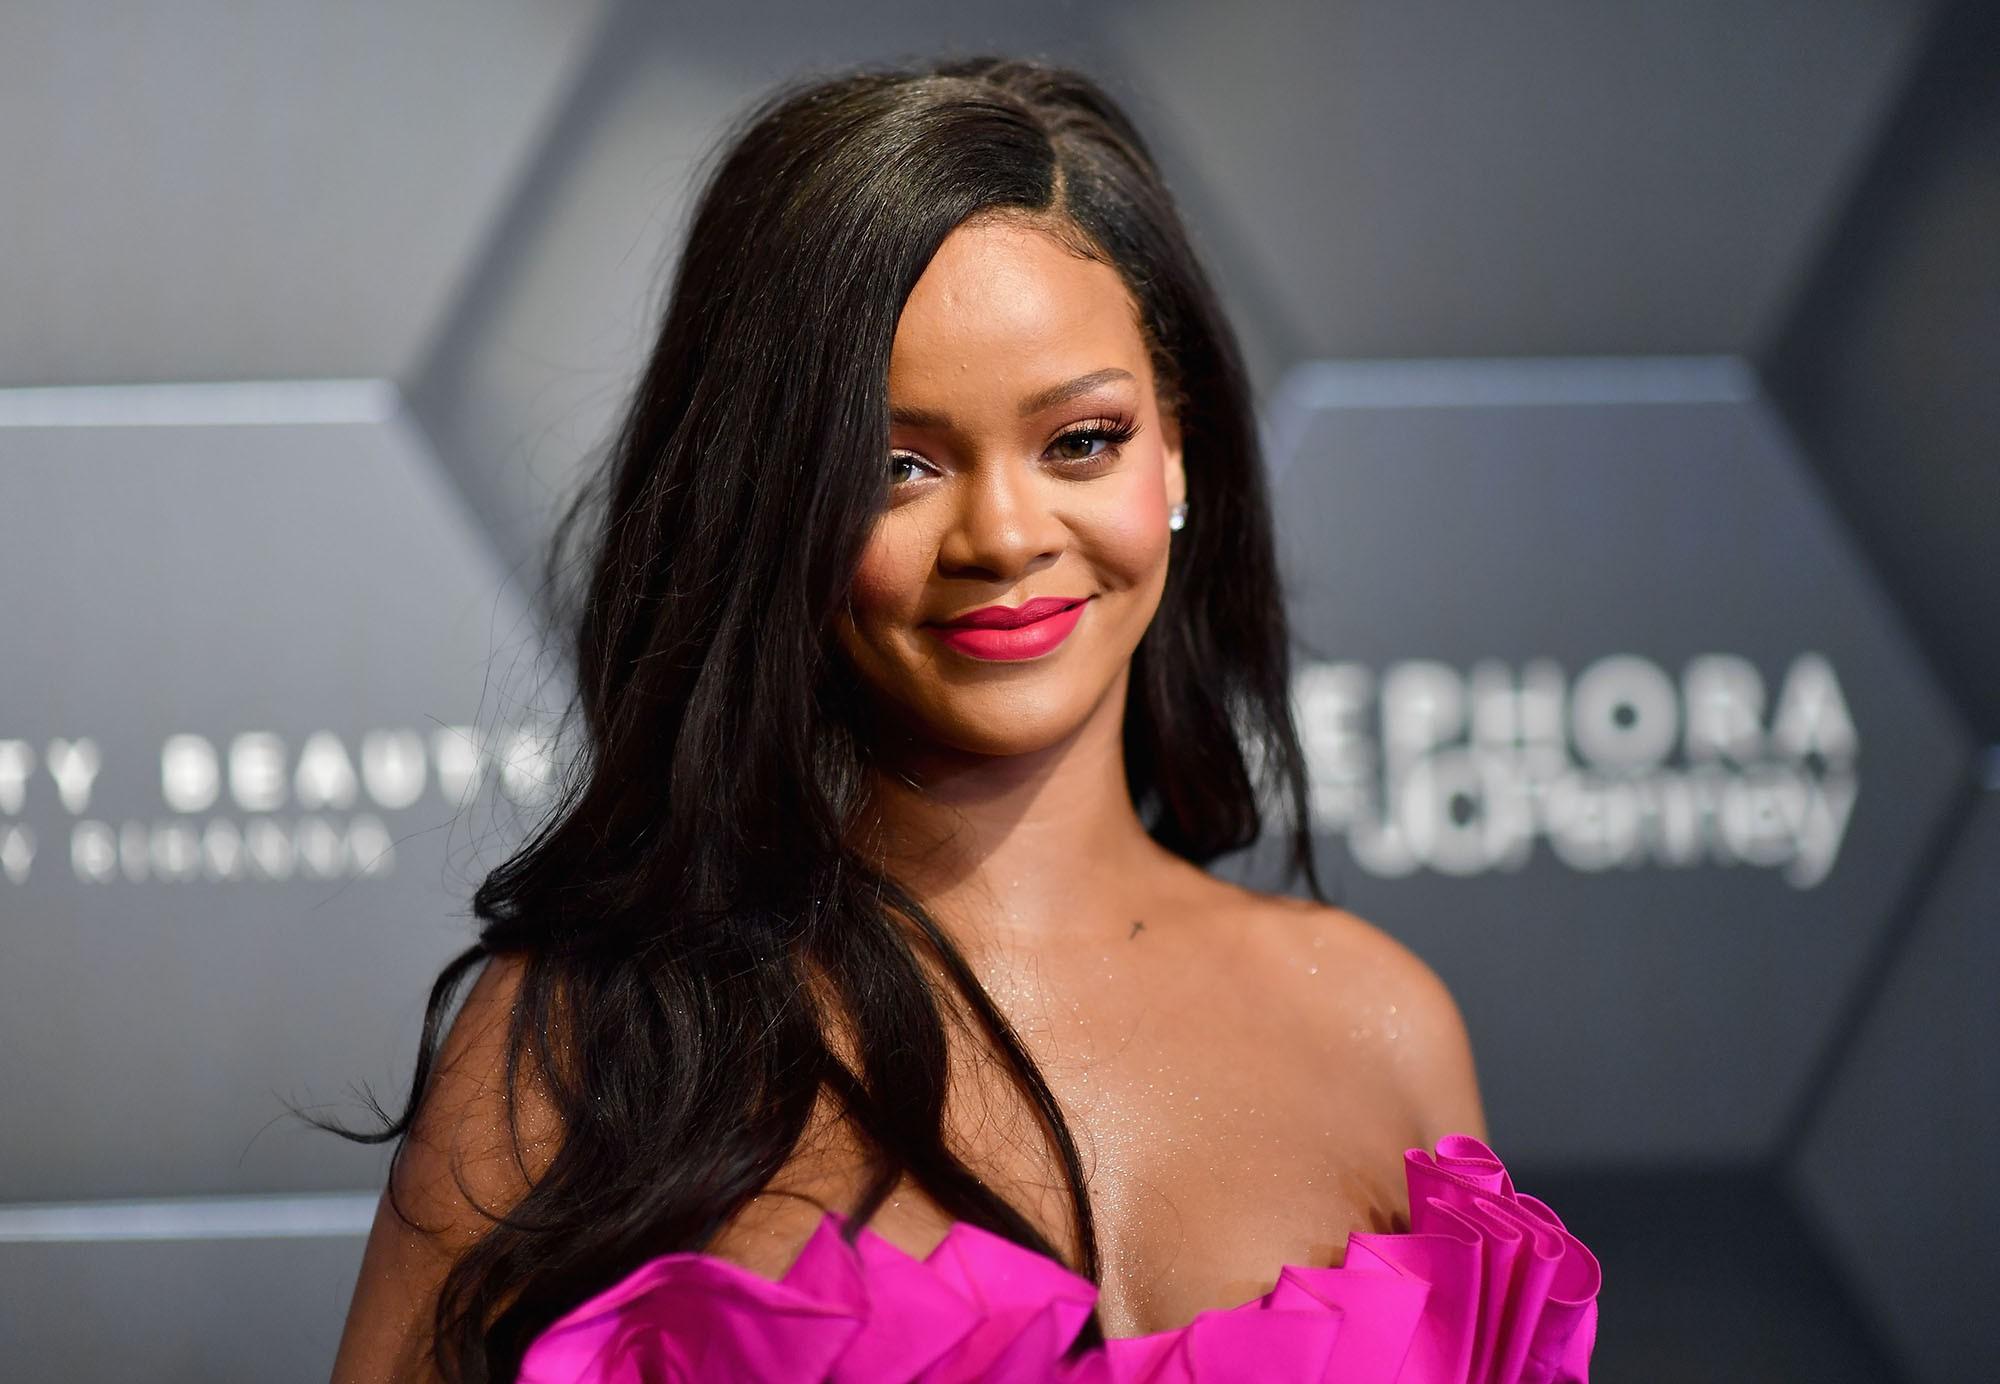 Lộ diện Top 5 nữ nghệ sĩ thành công nhất thập kỷ này theo Billboard - Ảnh 2.